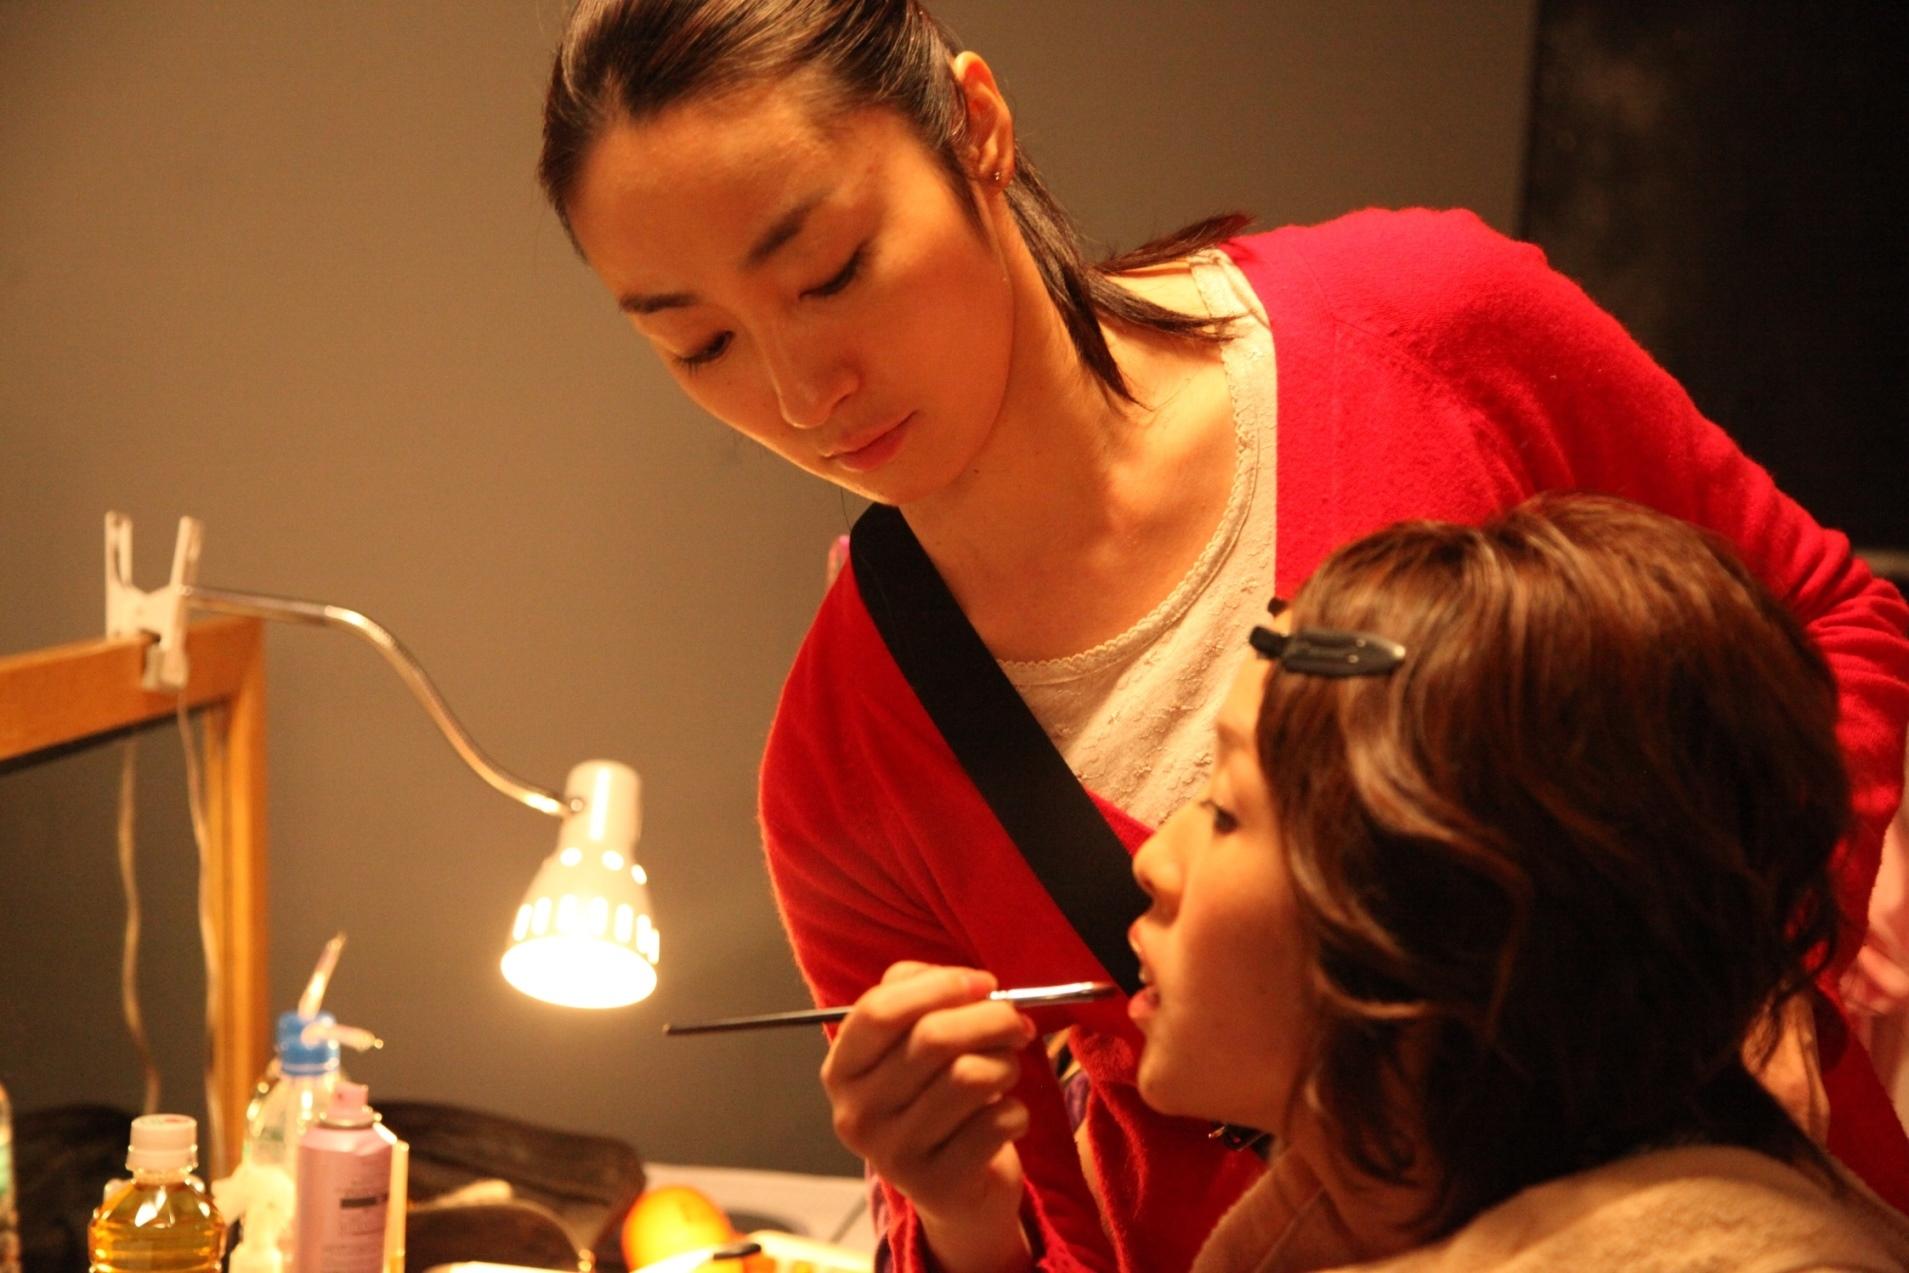 メイク・都築恭子を演じた森田亜紀。 女優たちを見守る母性……!